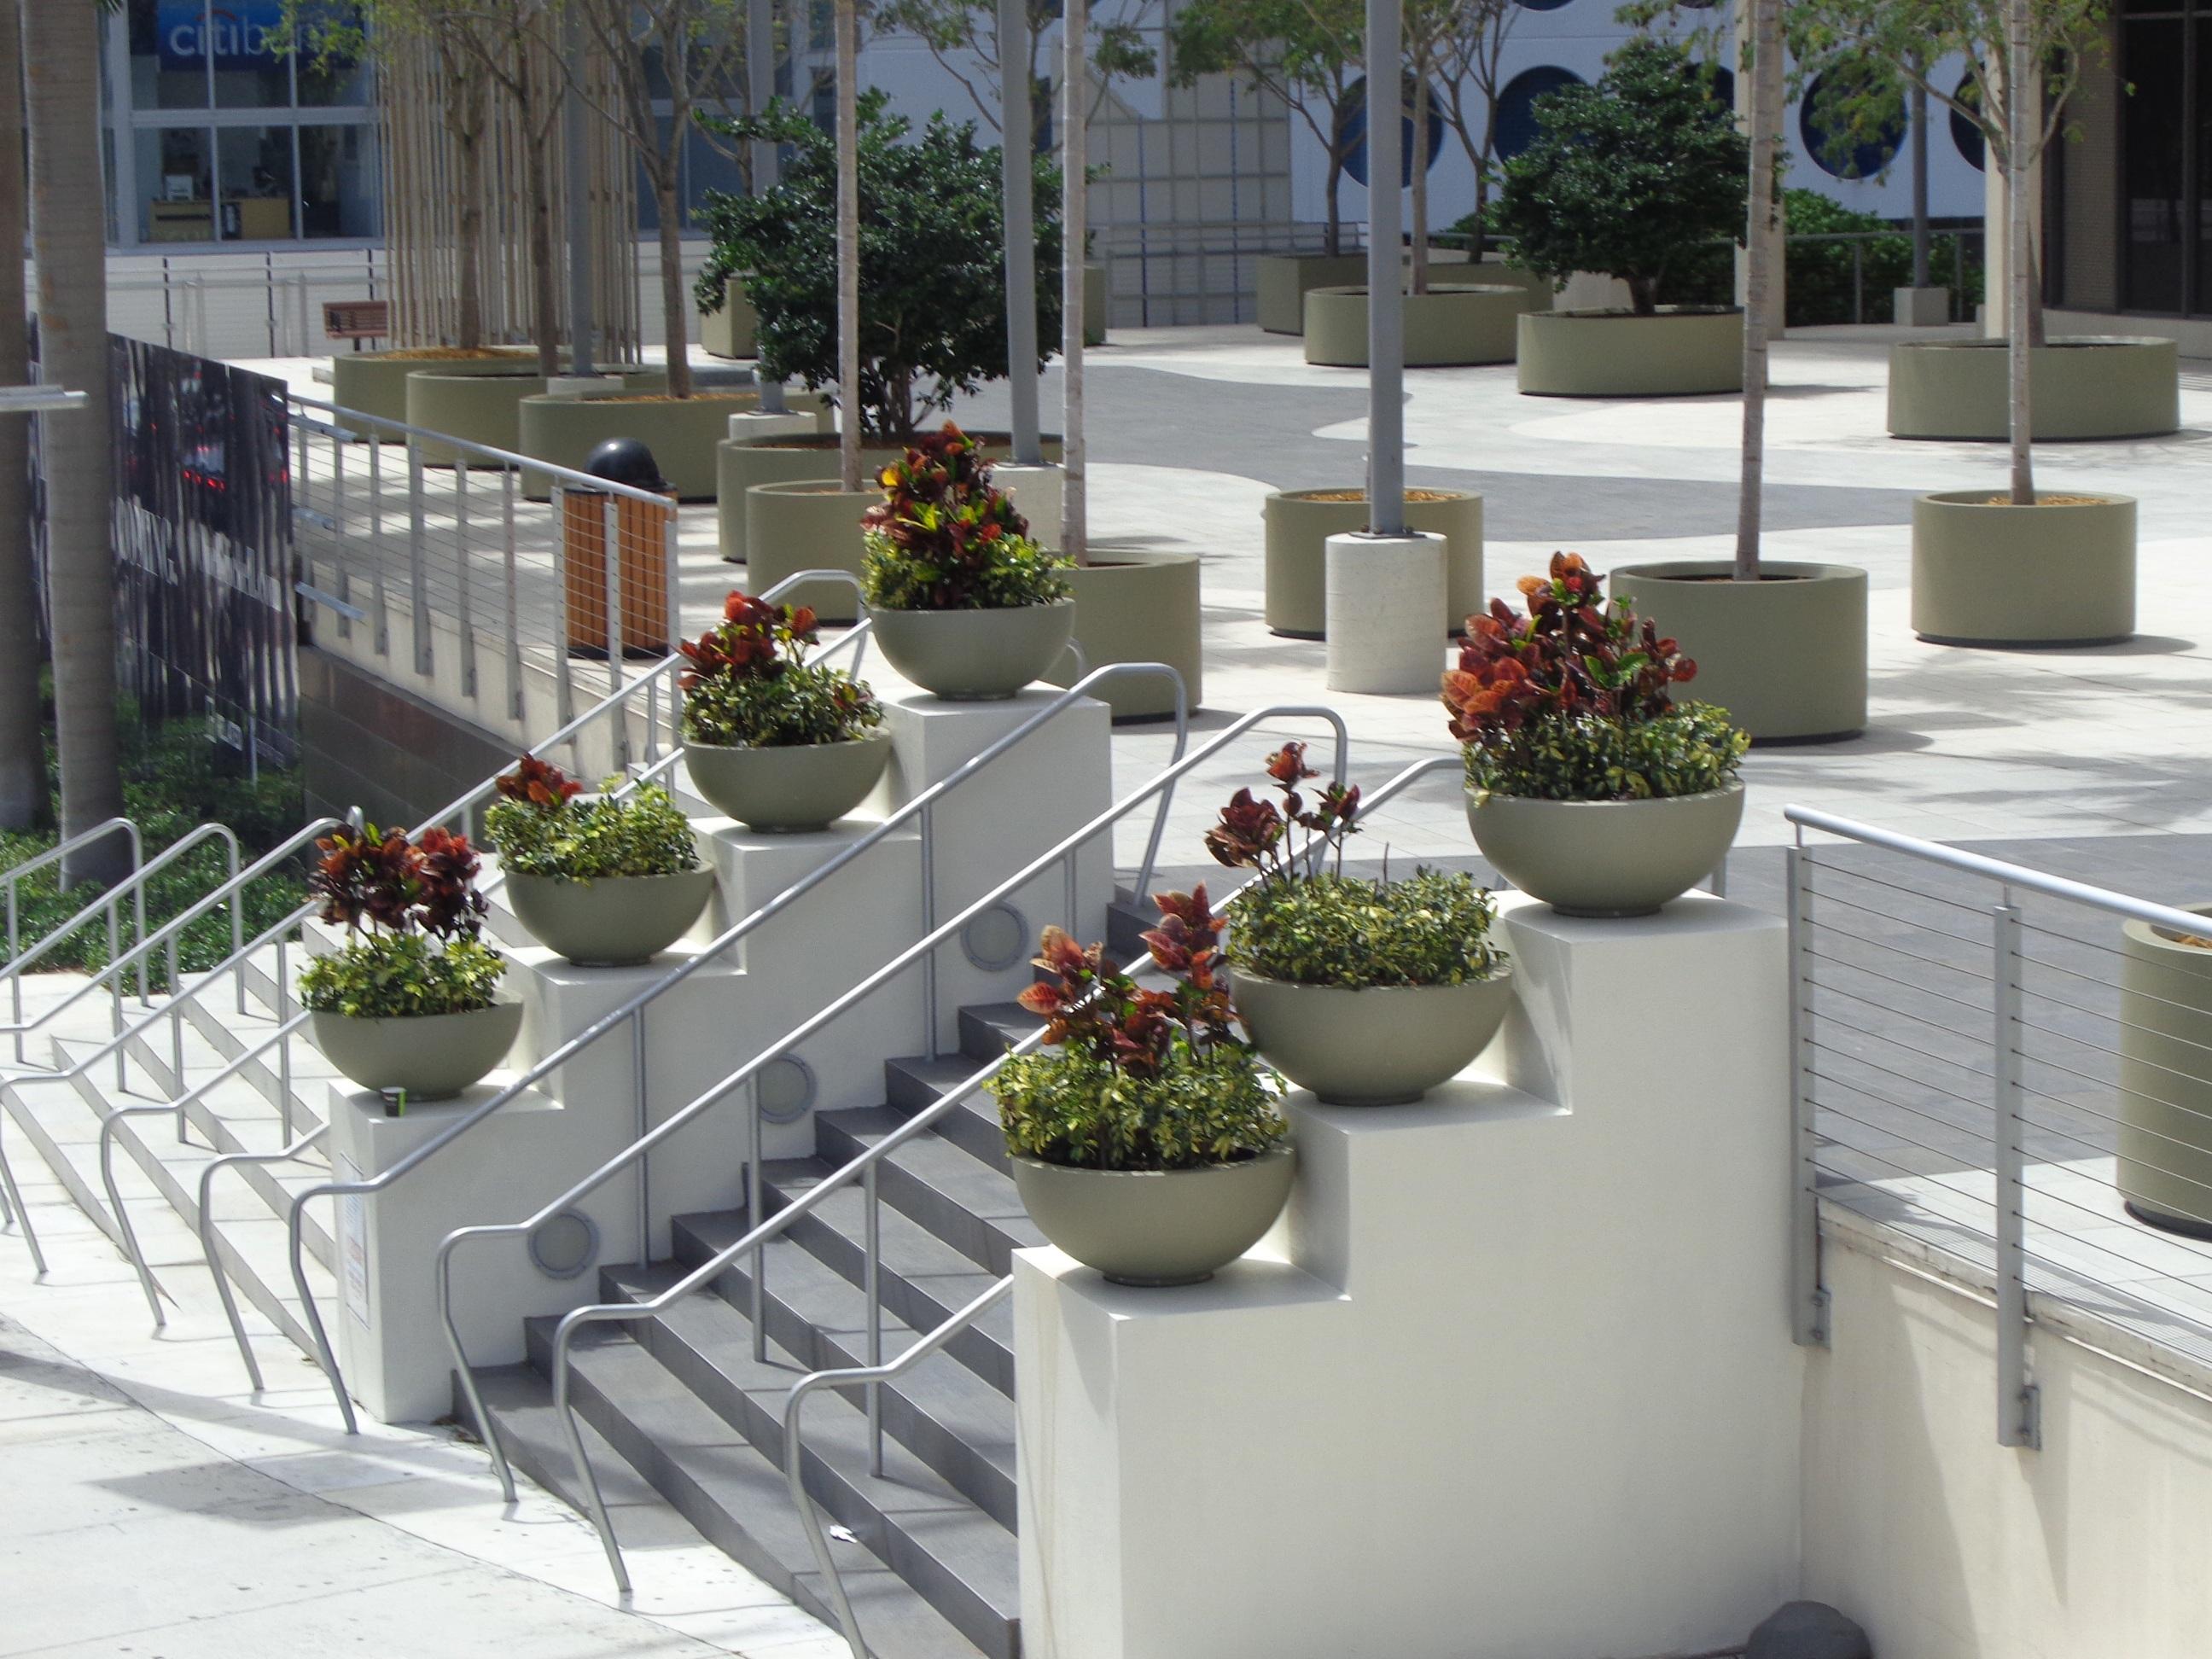 Fotos gratis : mesa, arquitectura, flor, casa, viajar, balcón ...